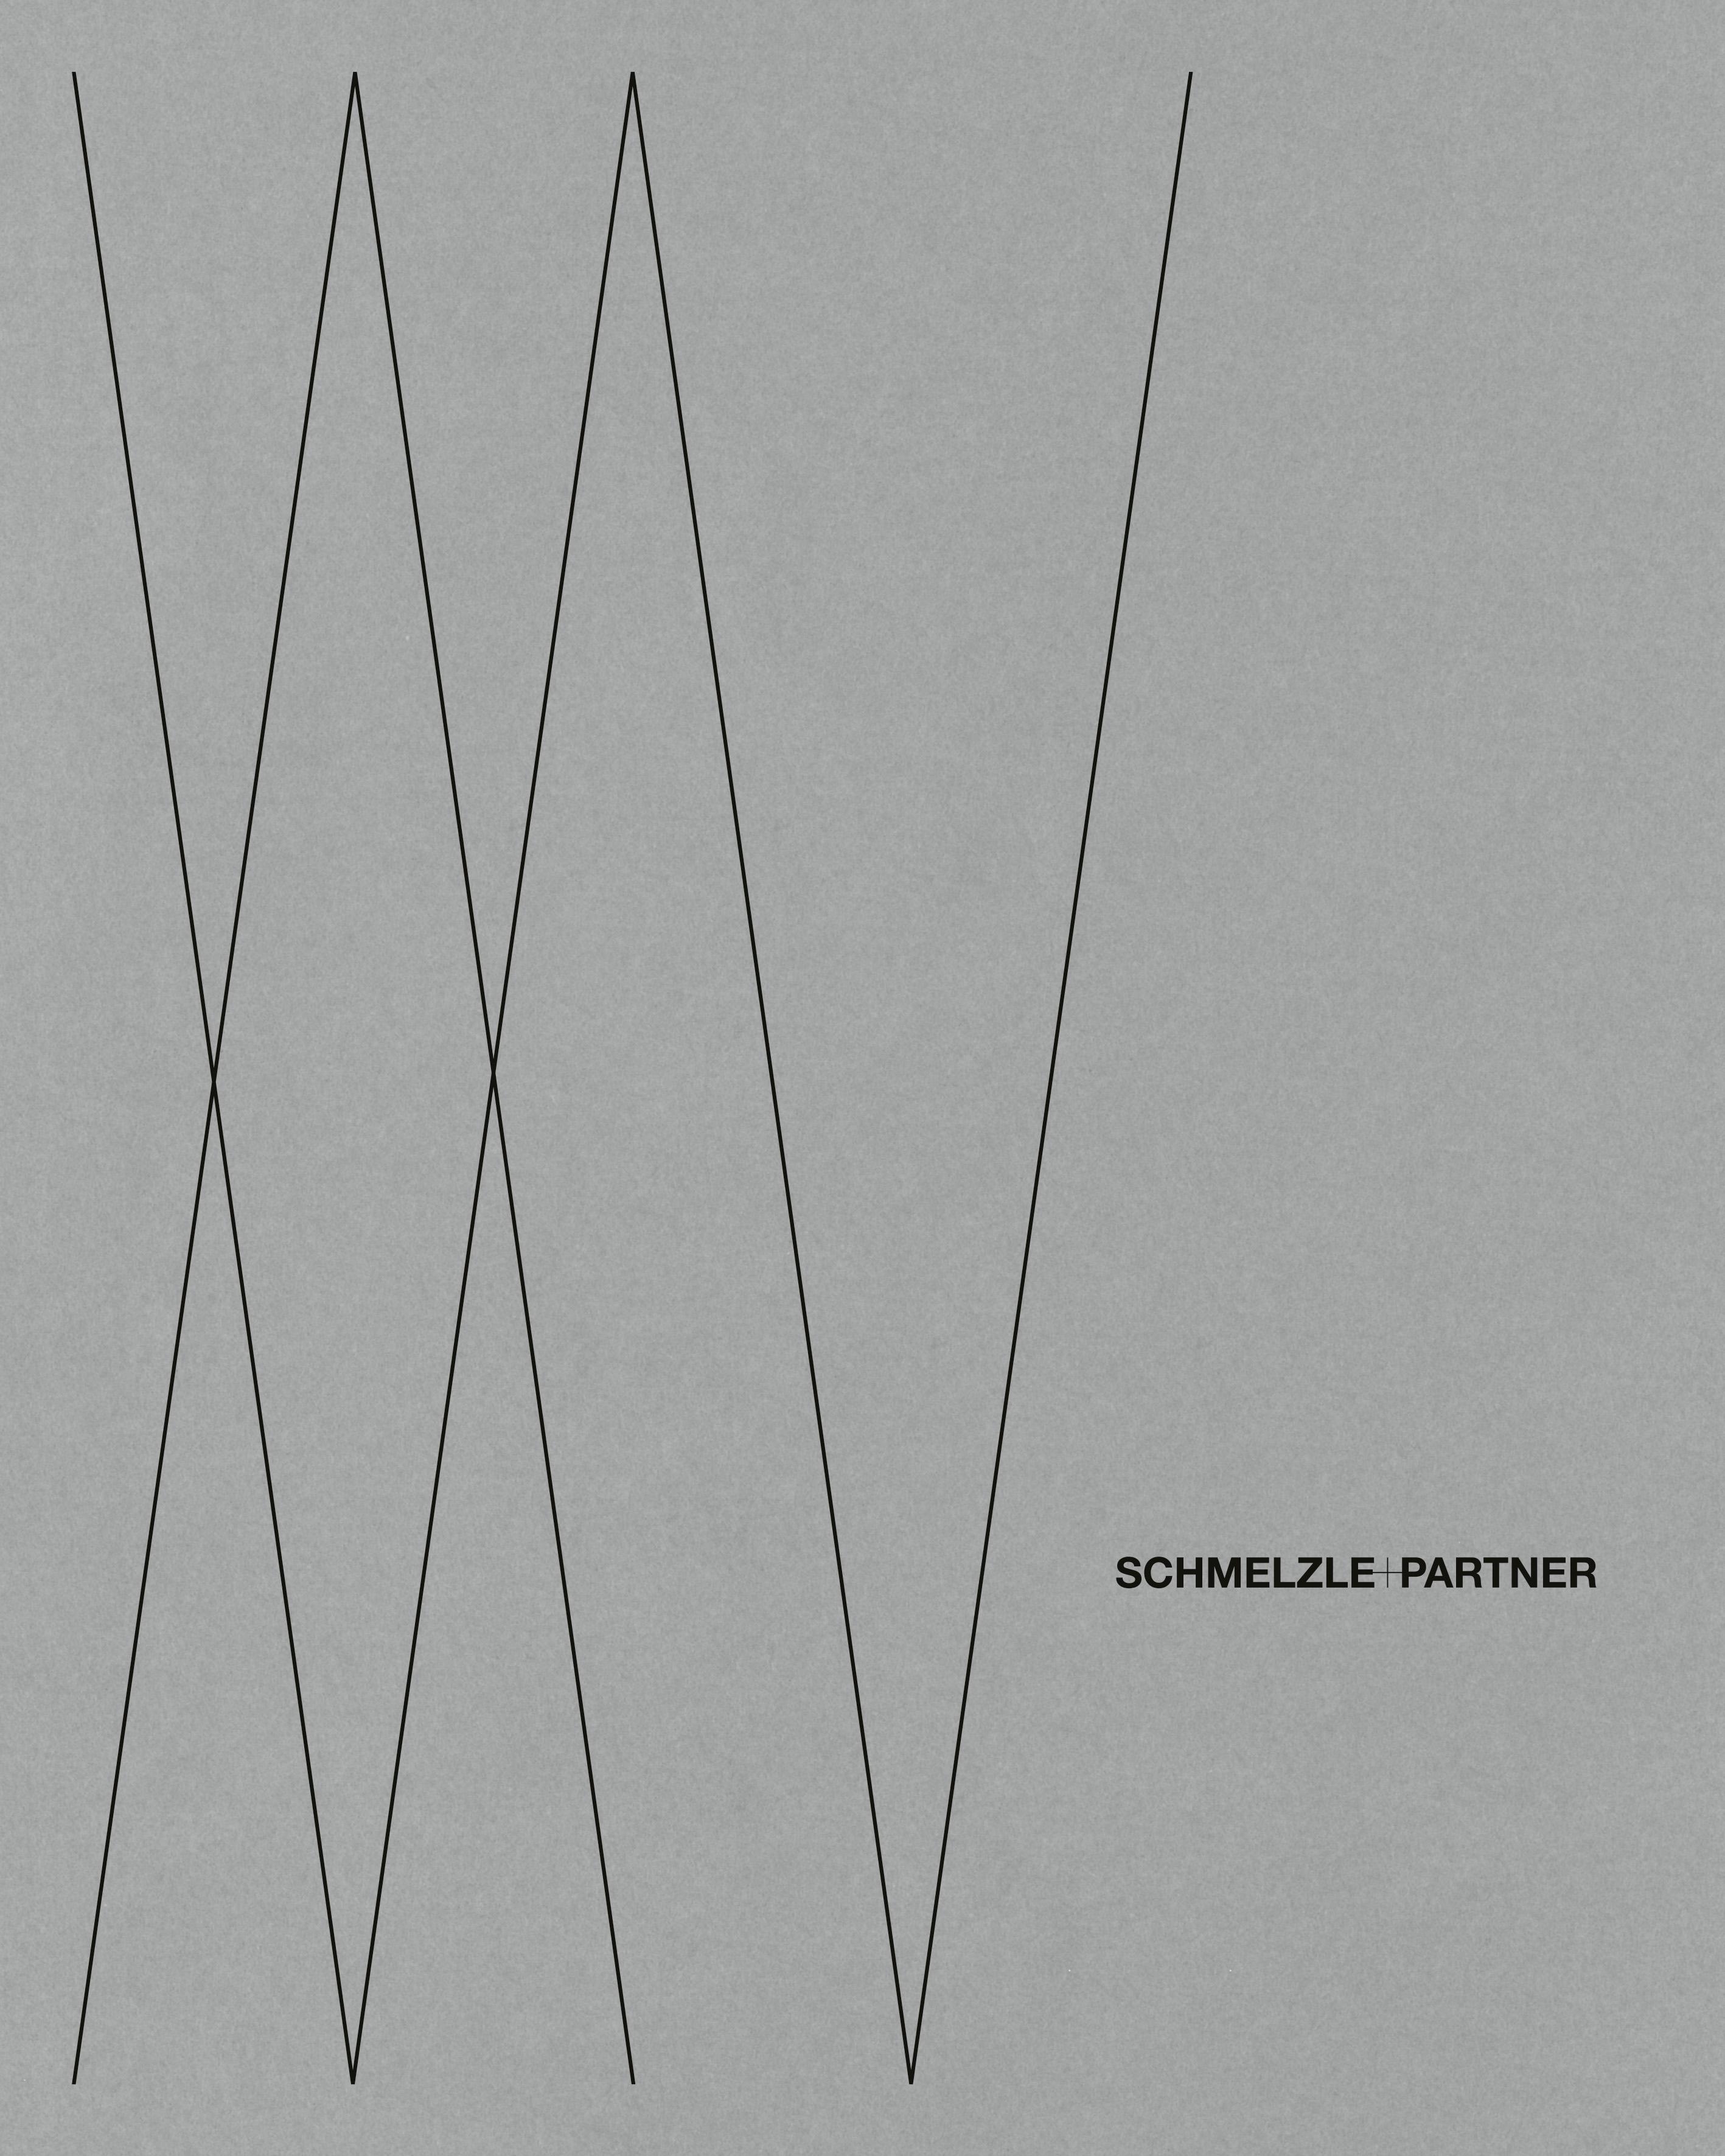 Schmelzle+Partner 1995−2020